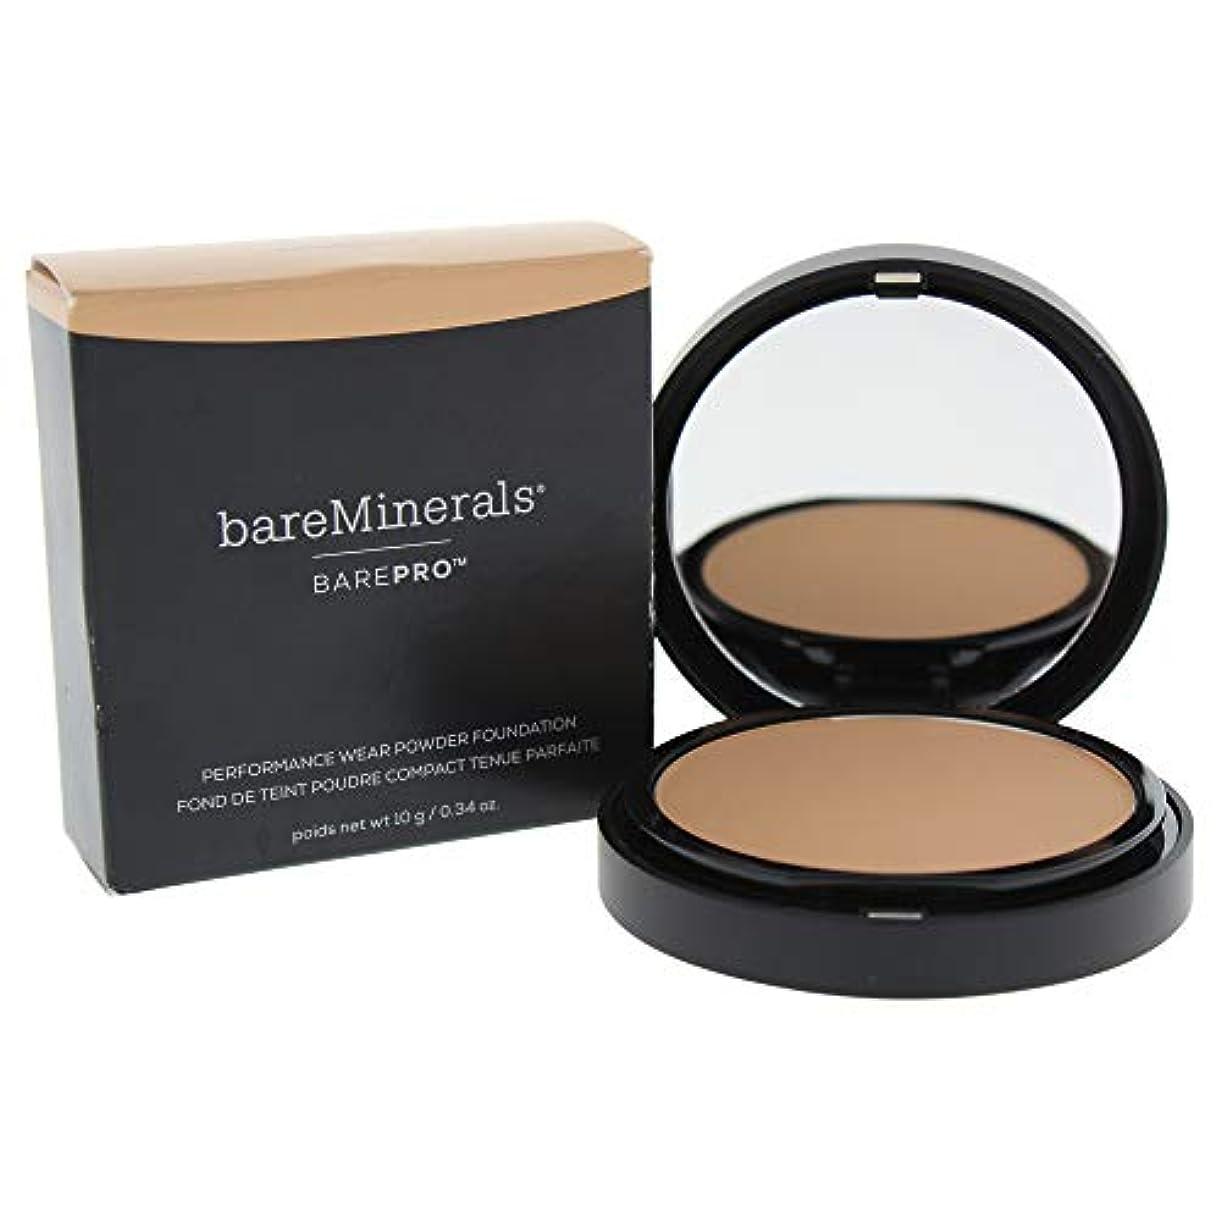 長方形またはどちらかリビジョンベアミネラル BarePro Performance Wear Powder Foundation - # 16 Sandstone 10g/0.34oz並行輸入品